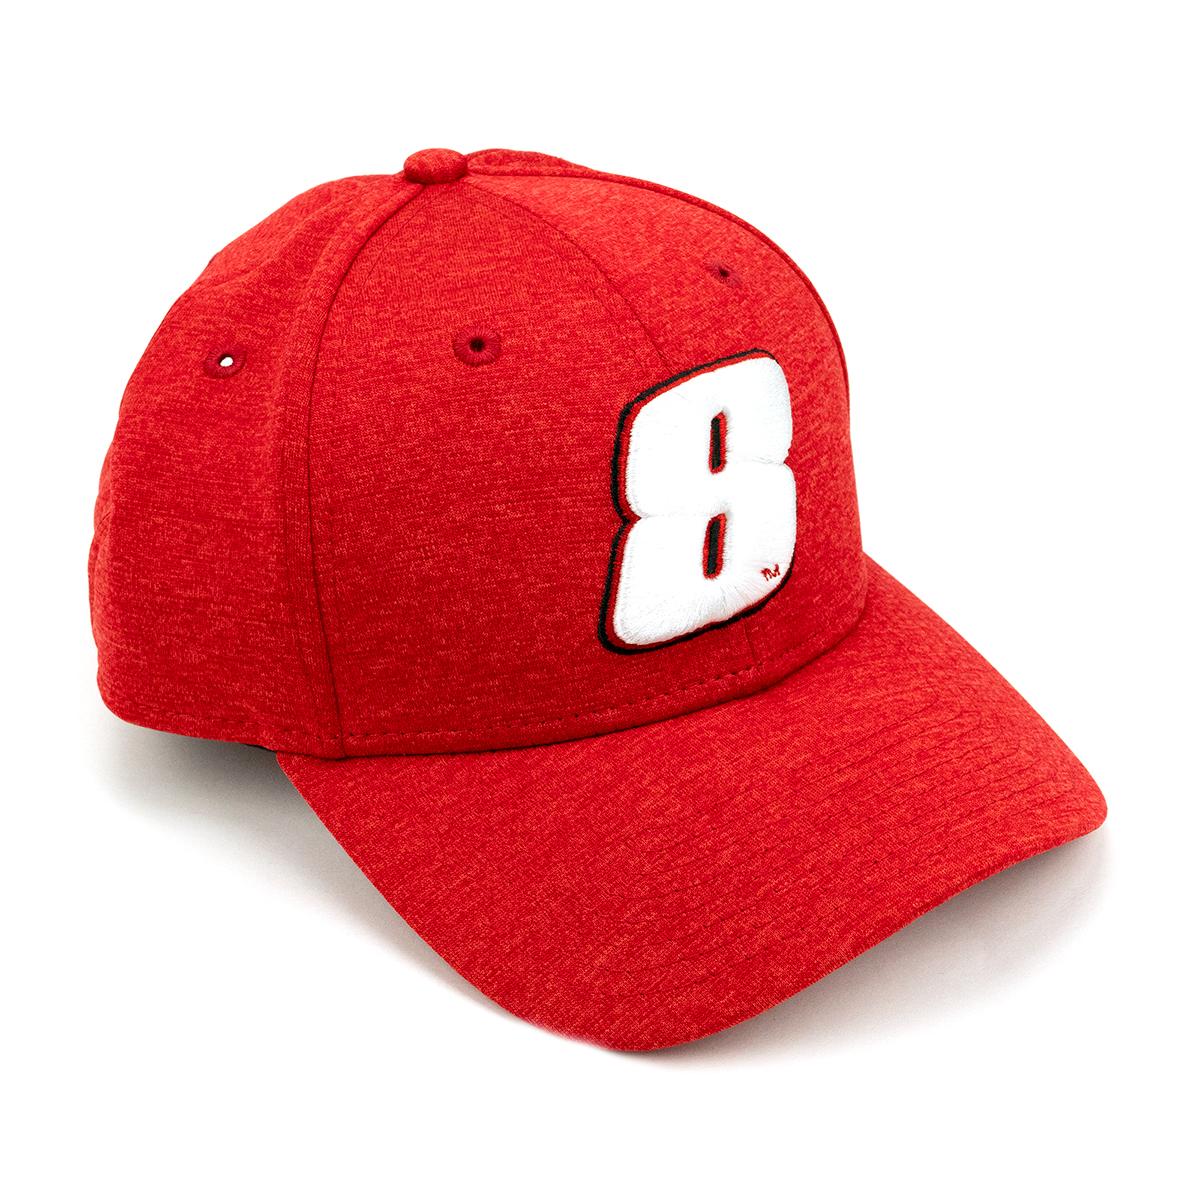 Dale Earnhardt Jr. #8 NASCAR Red New Era Hat